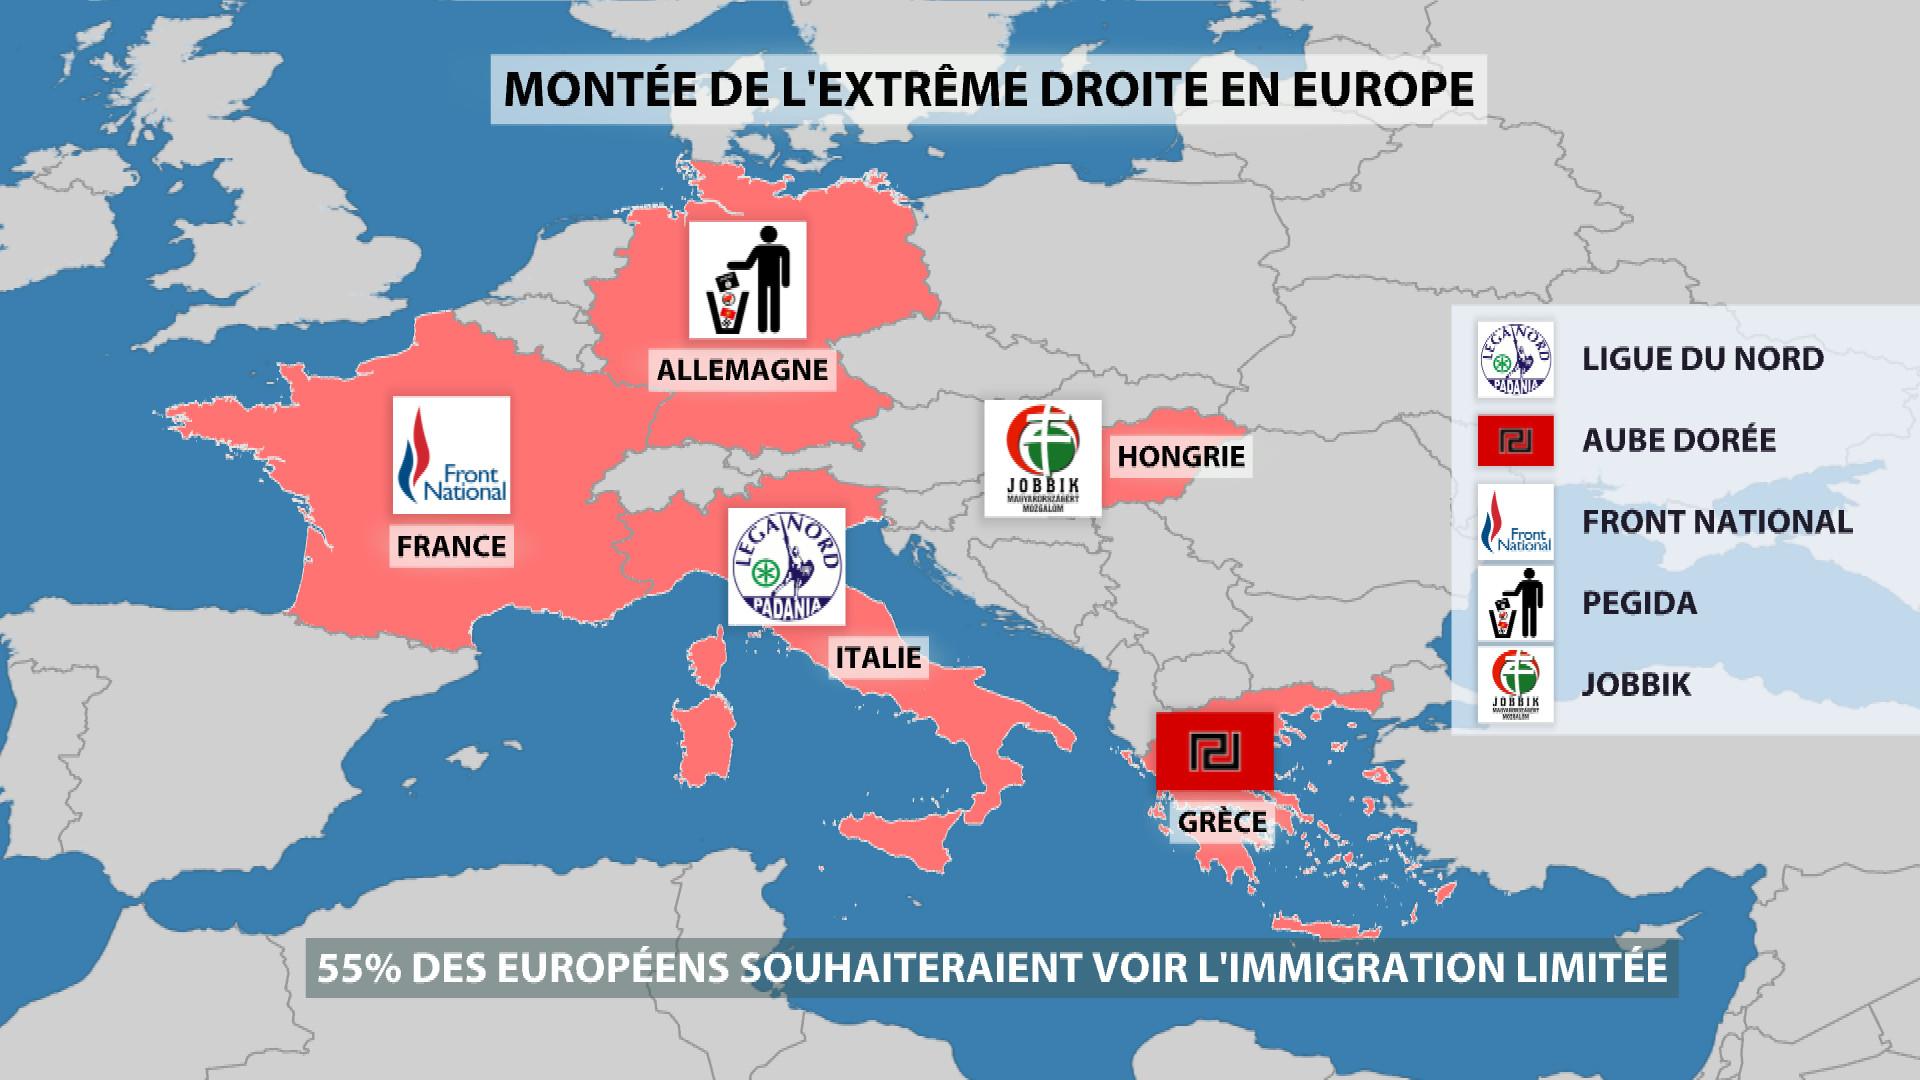 Montée de l'extrême droite en Europe